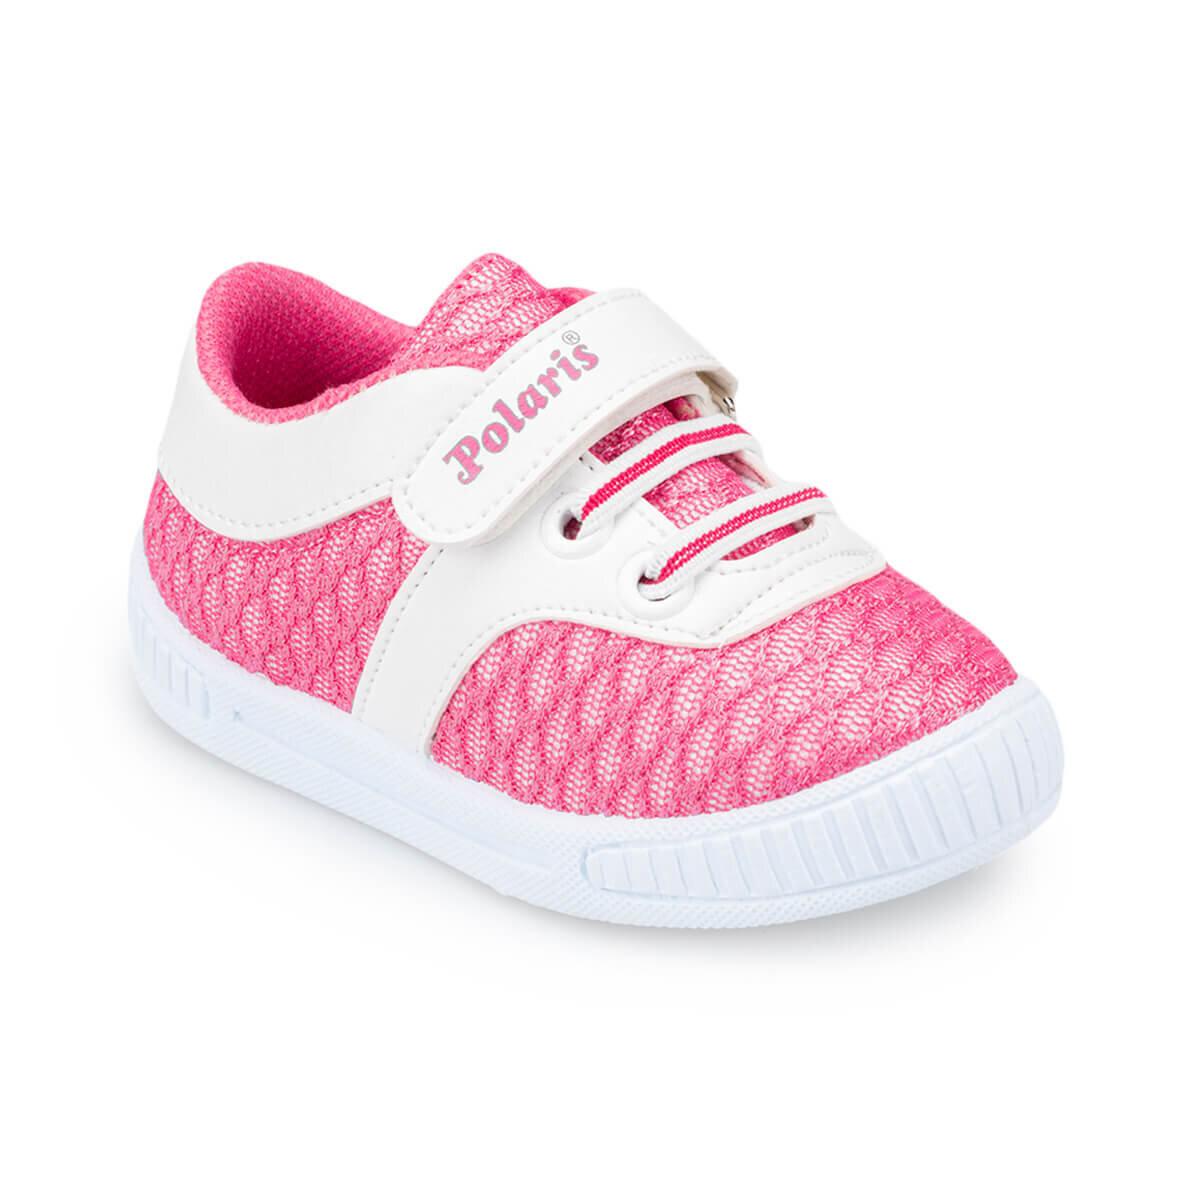 PEMBE Kız Çocuk Ayakkabı